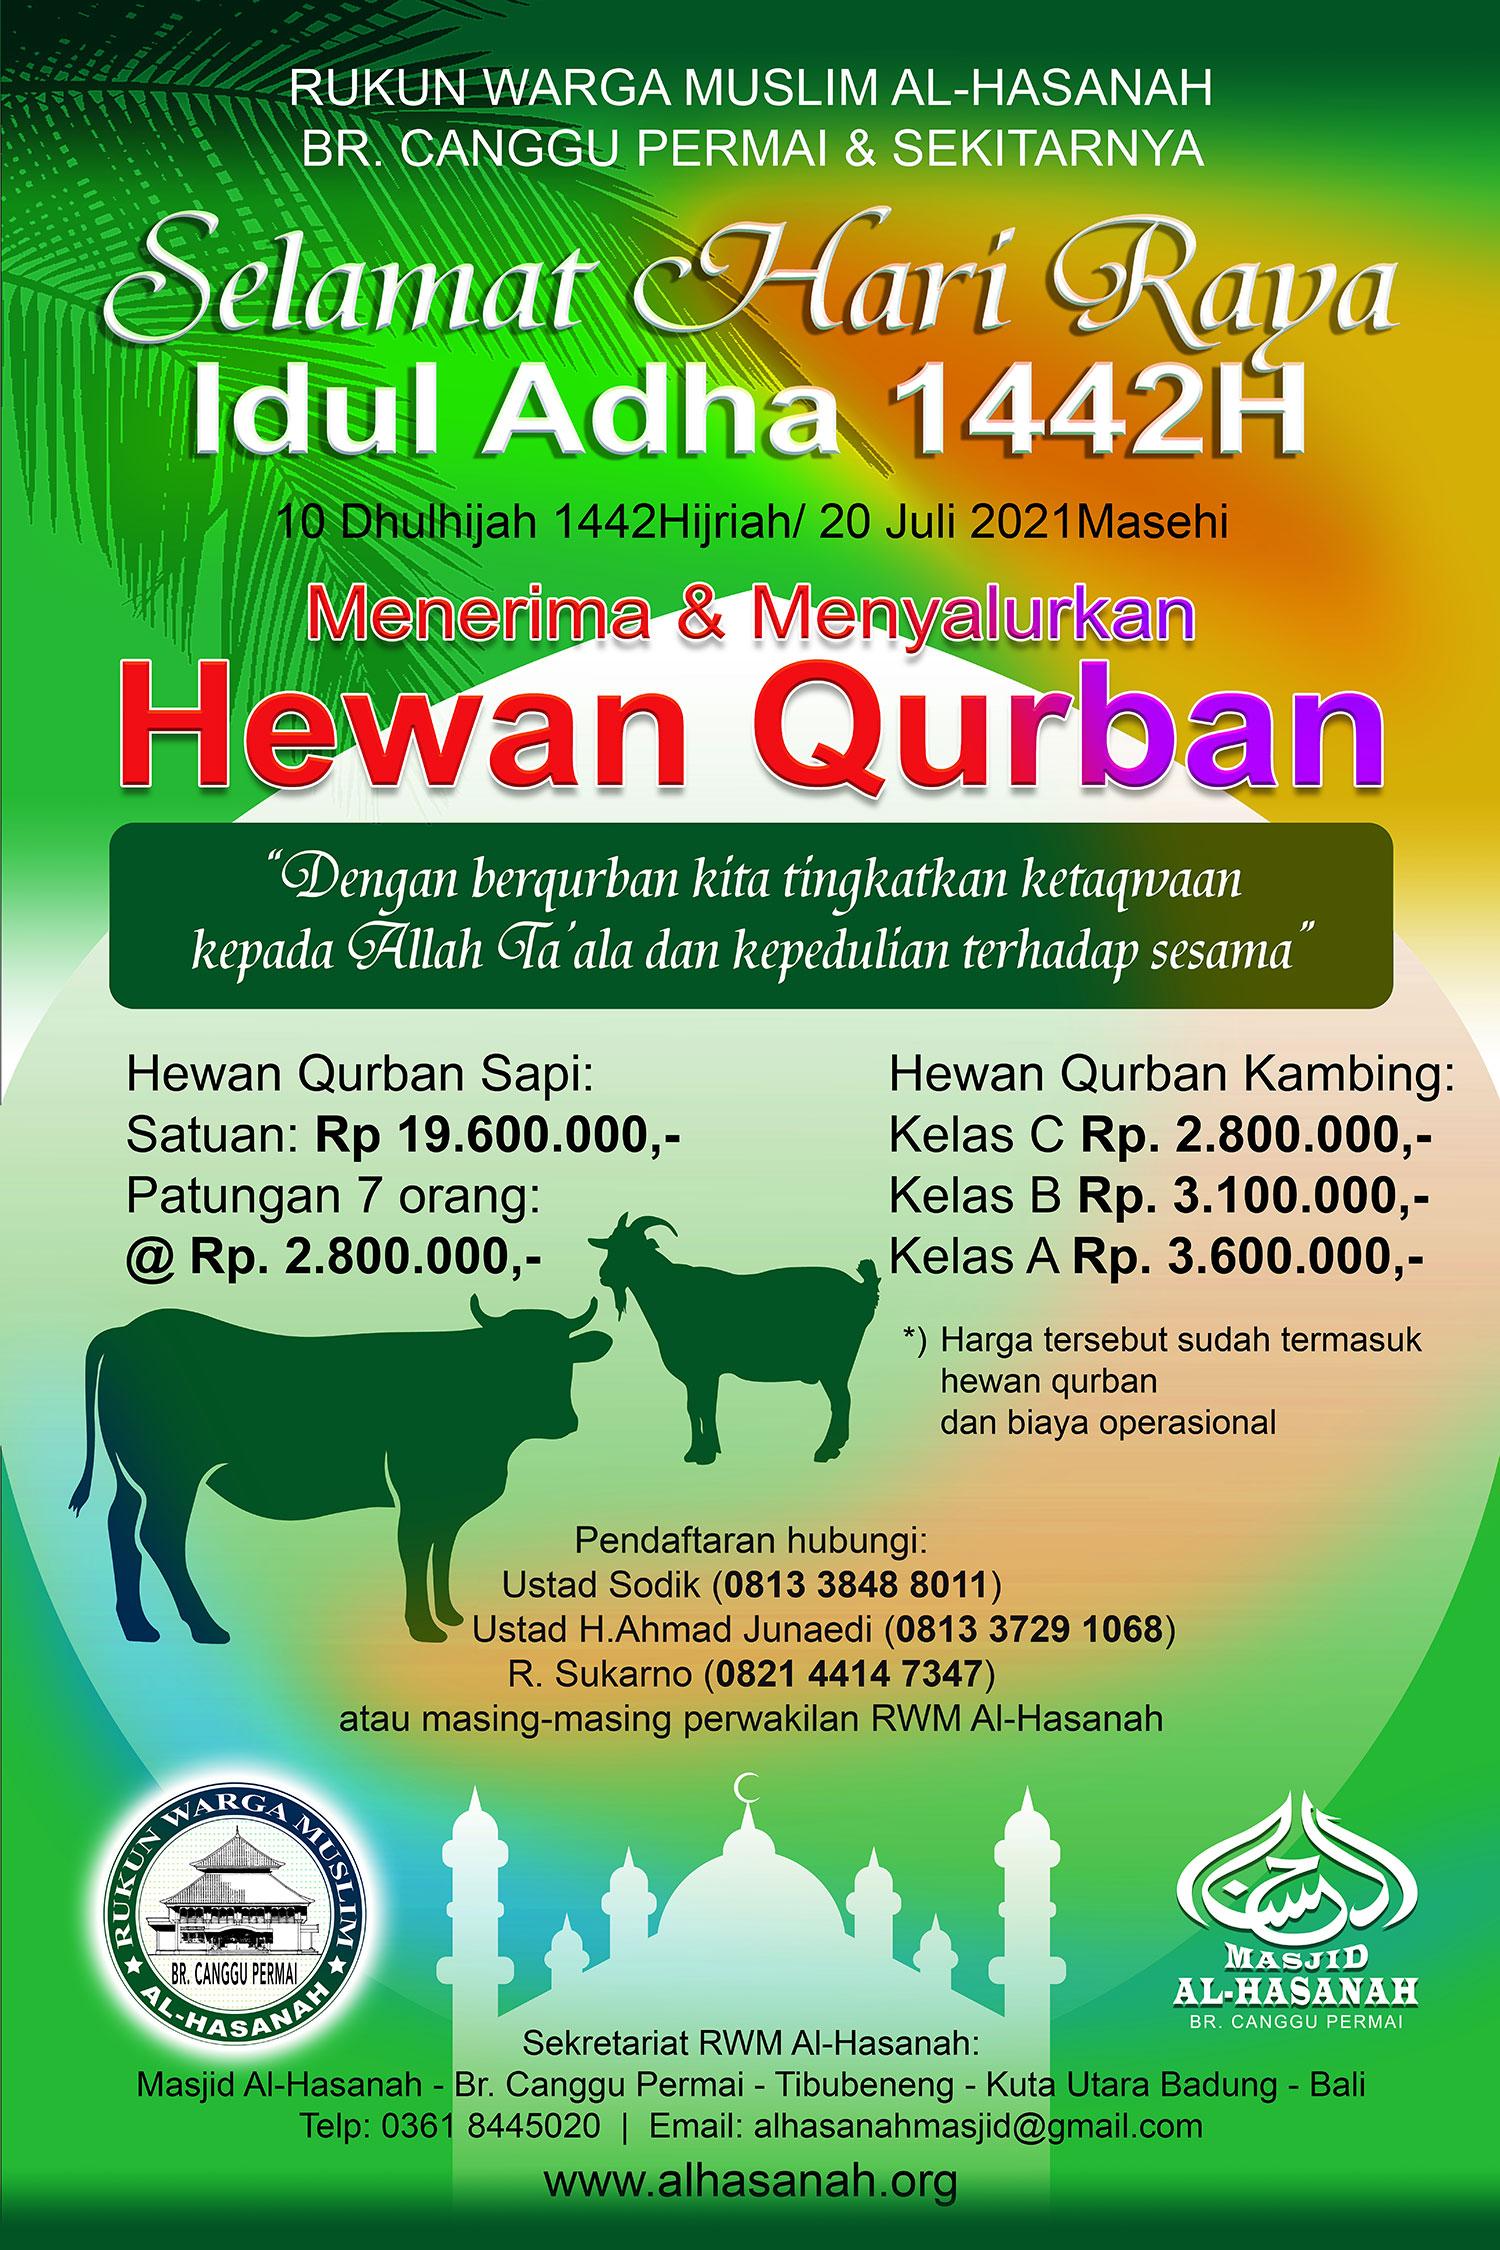 Qurban dimulai dari sekarang!